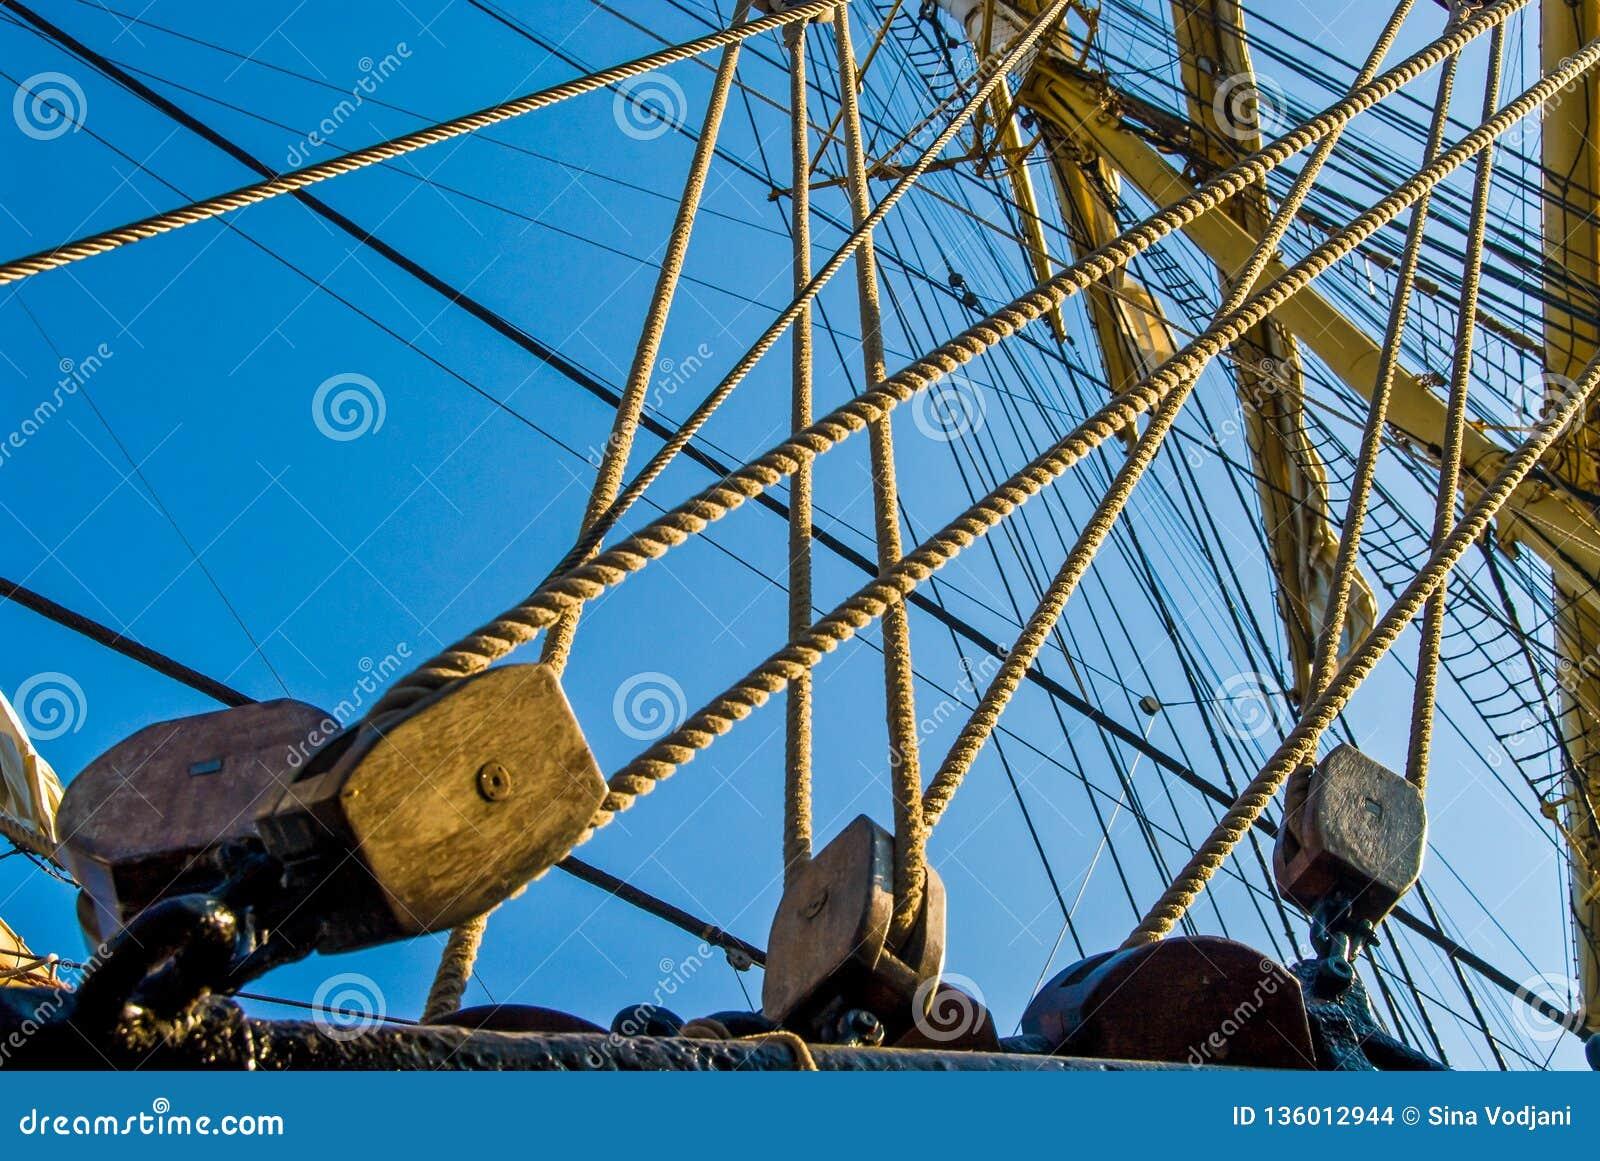 Rigg e cima di sicurezza della nave